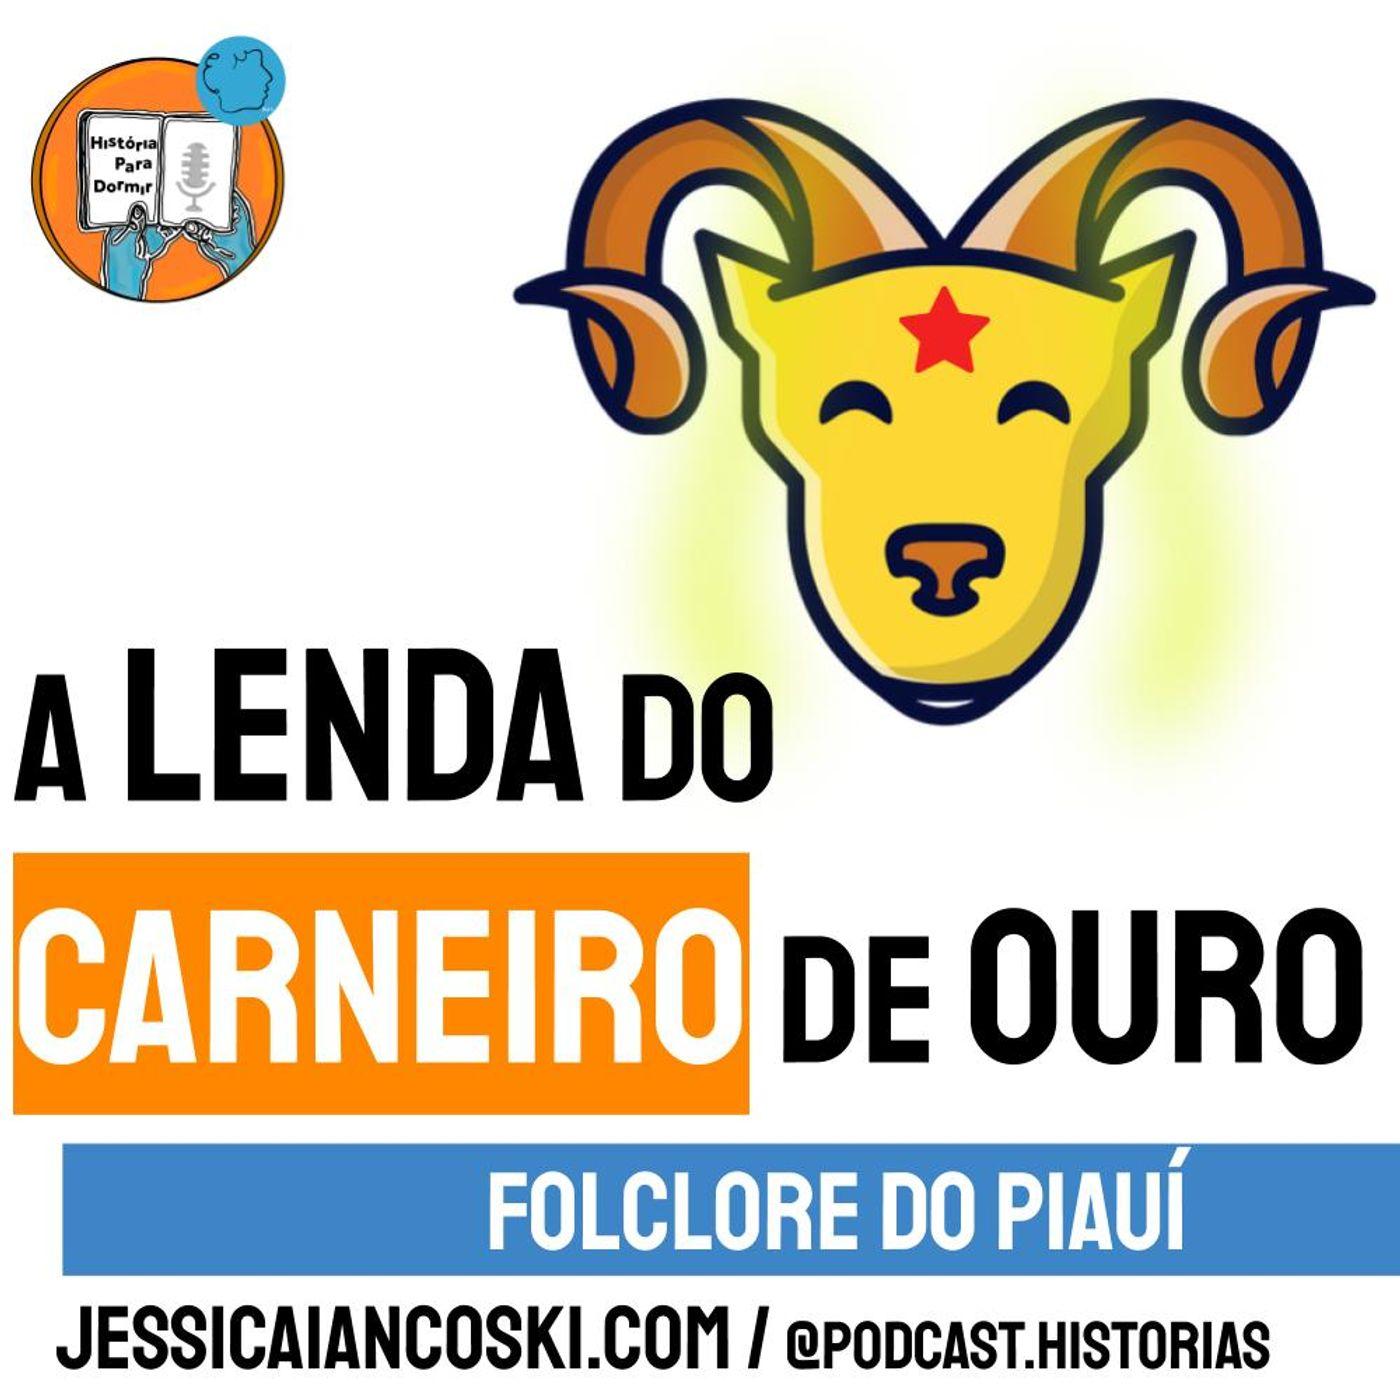 [T4 #4] A Lenda do Carneirinho de Ouro - Folclore do Piauí | Historinha